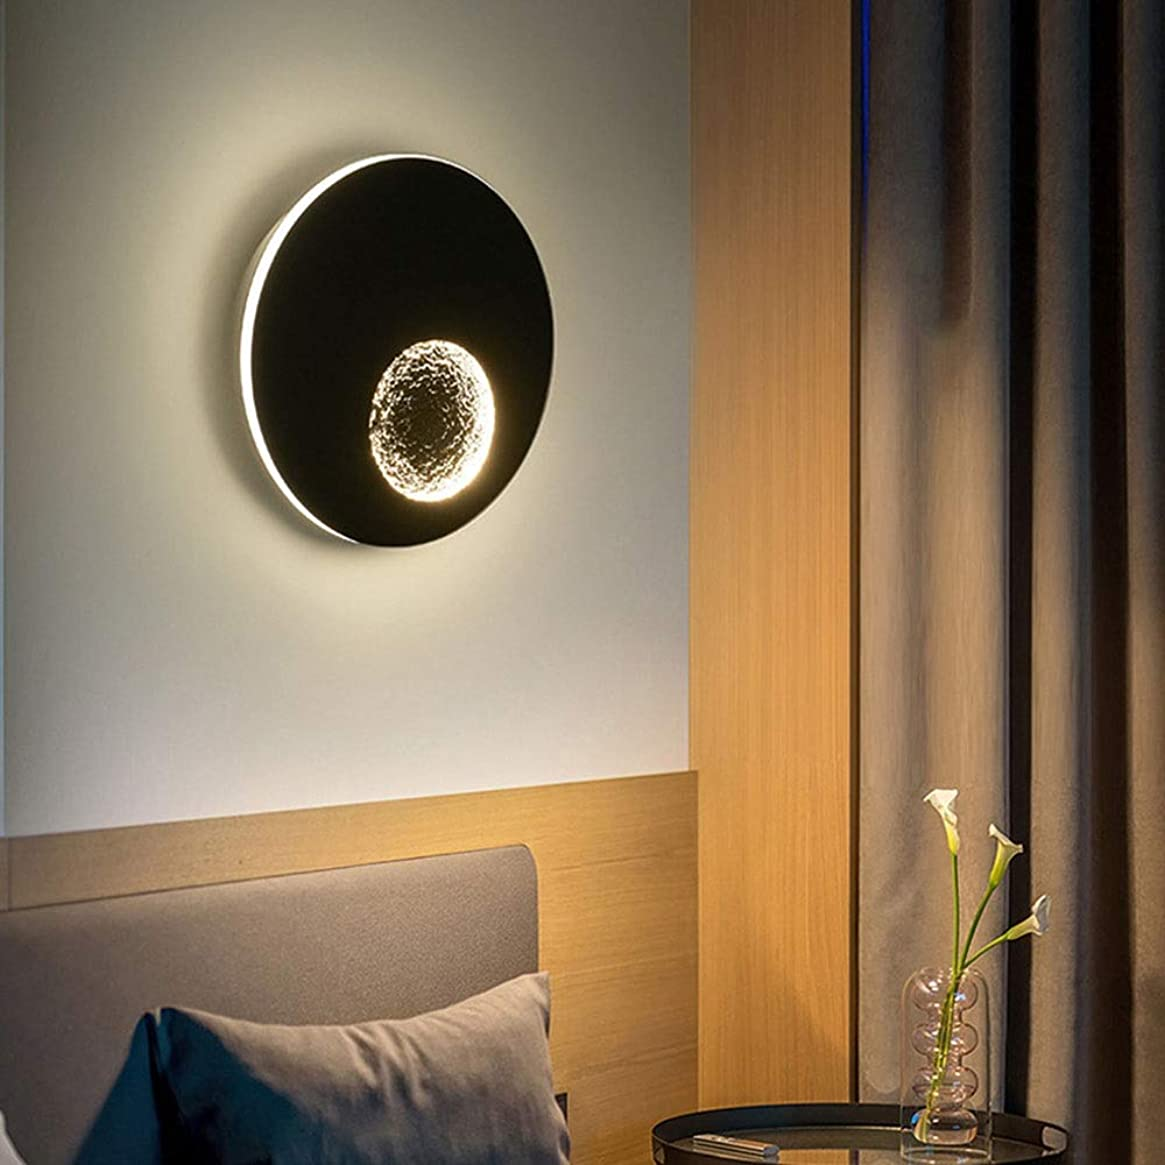 実験をする気分スパークWSW Bright Wall Light モダンリビングルーム壁ランプテレビの背景ウォールデコレーションホテル客室ベッドサイドランプベッドルームの高級クリスタルウォールランプD23CM